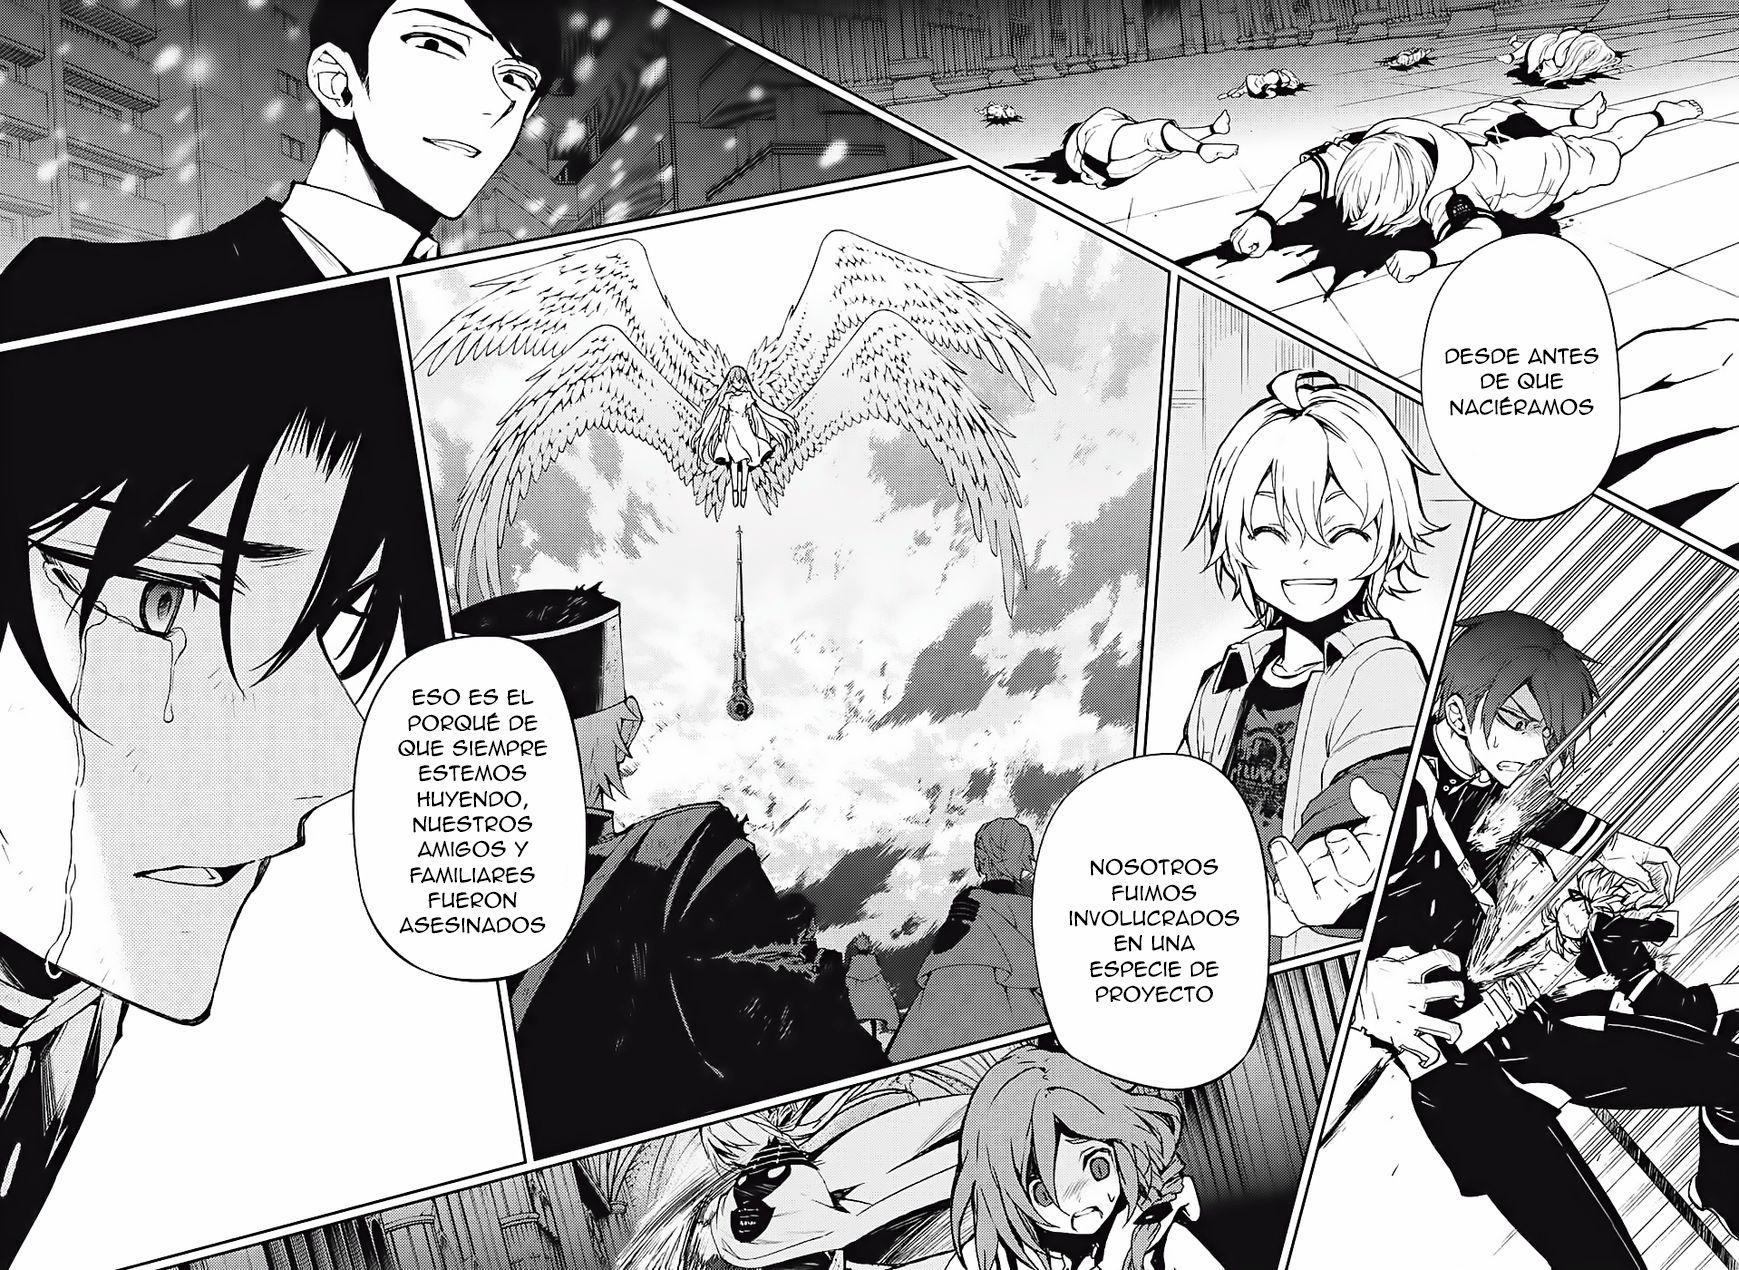 http://c5.ninemanga.com/es_manga/49/3057/477246/f3b03d24faf684d1b2b9d36cb8684105.jpg Page 7